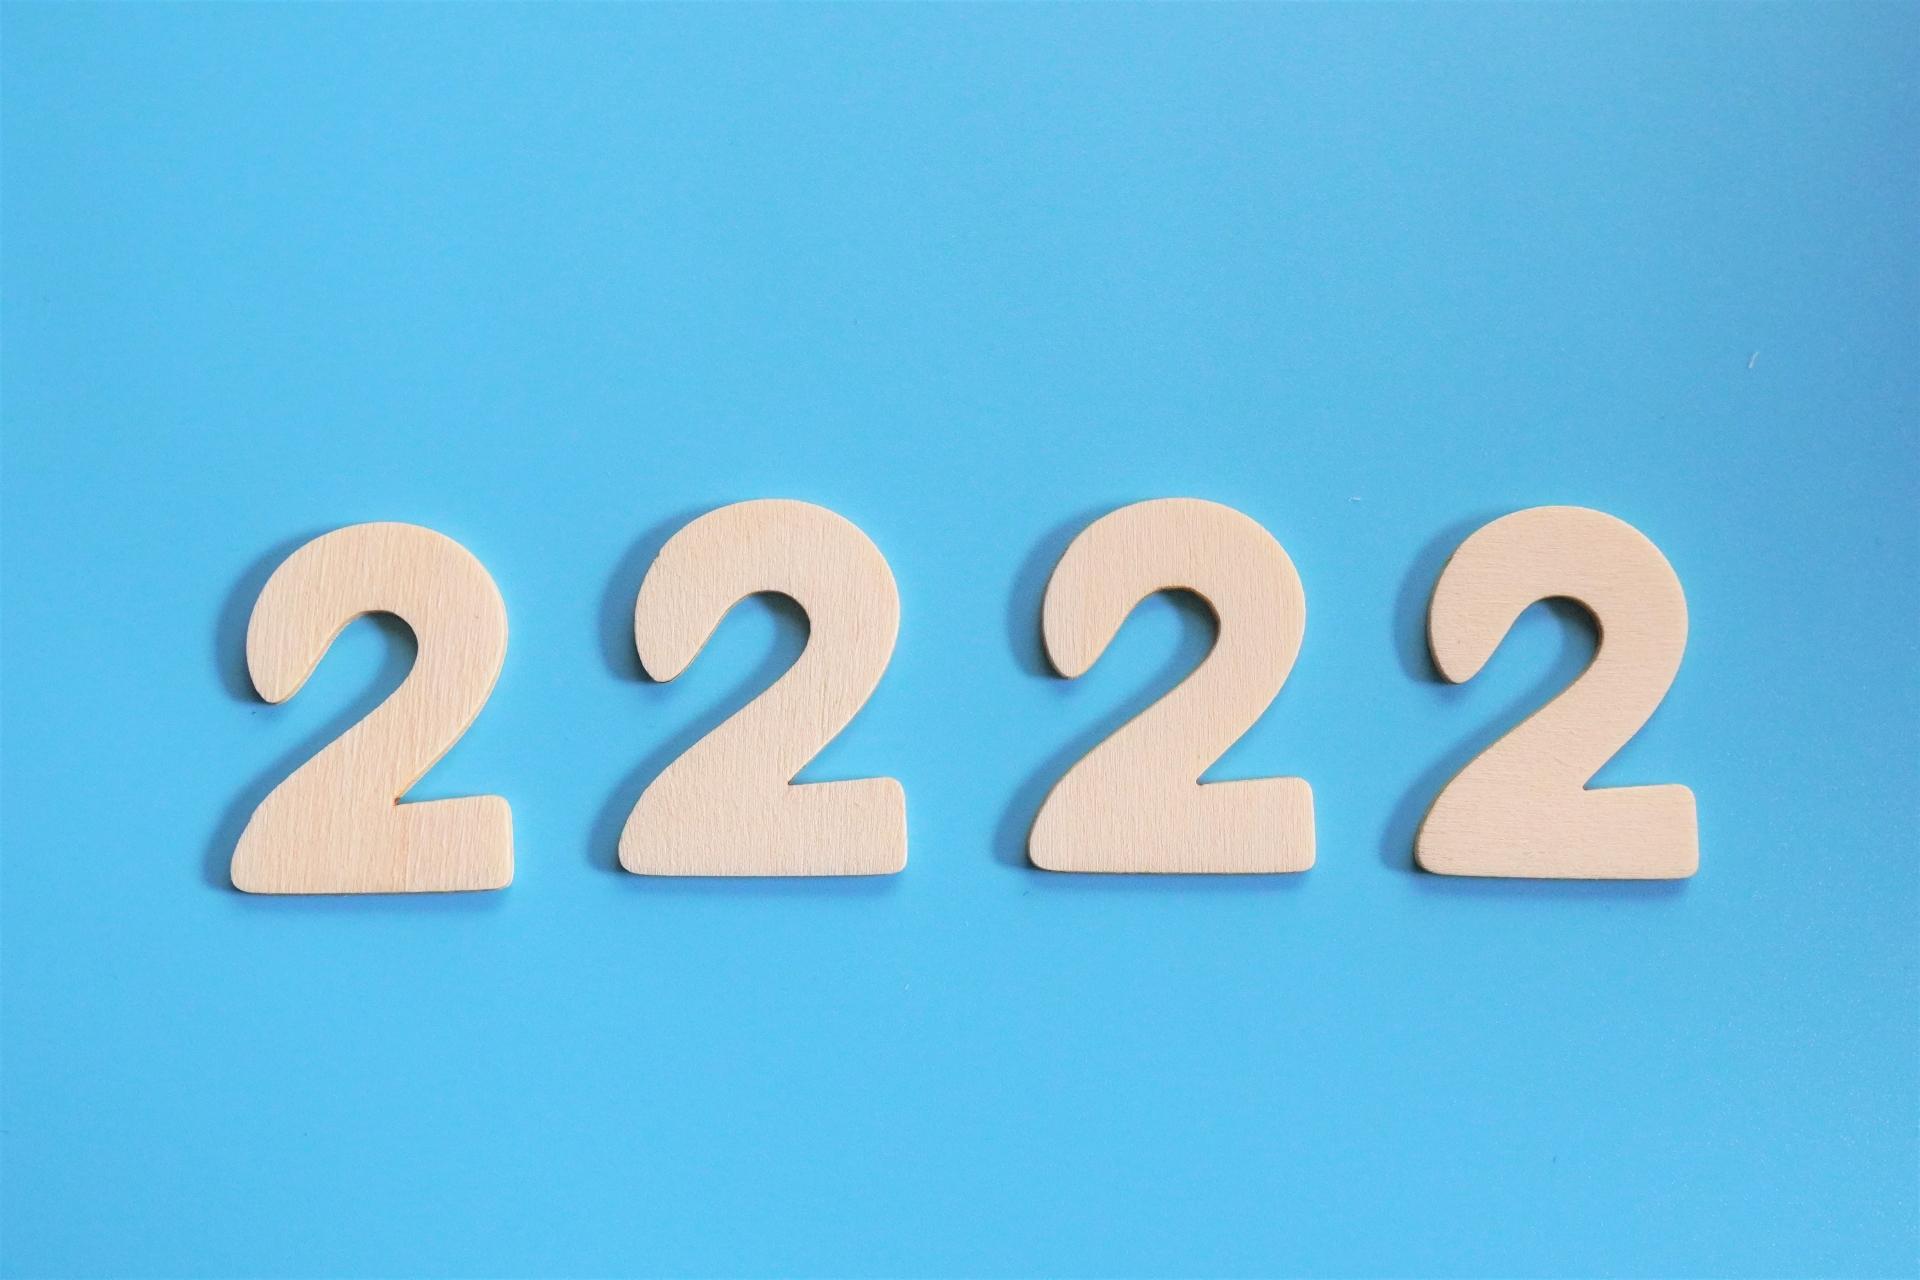 エンジェルナンバー2222の意味とは?恋愛運・仕事運・金運をそれぞれ解説